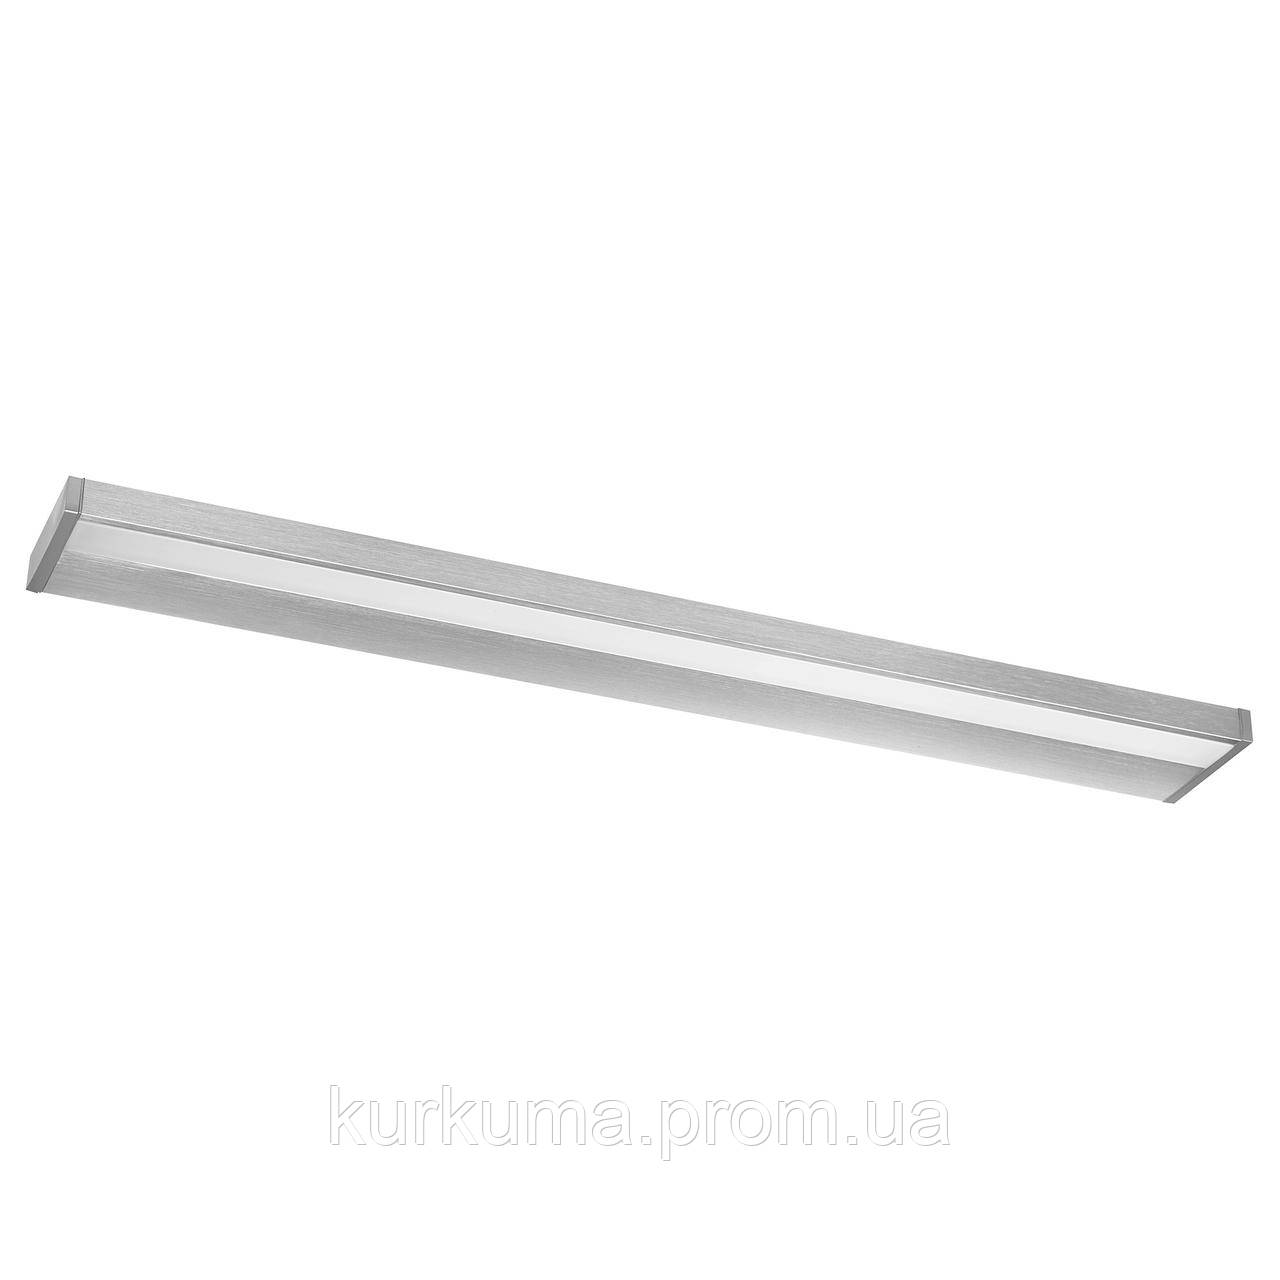 IKEA GODMORGON Светодиодный светильник настенный/в шкаф  (002.509.18)